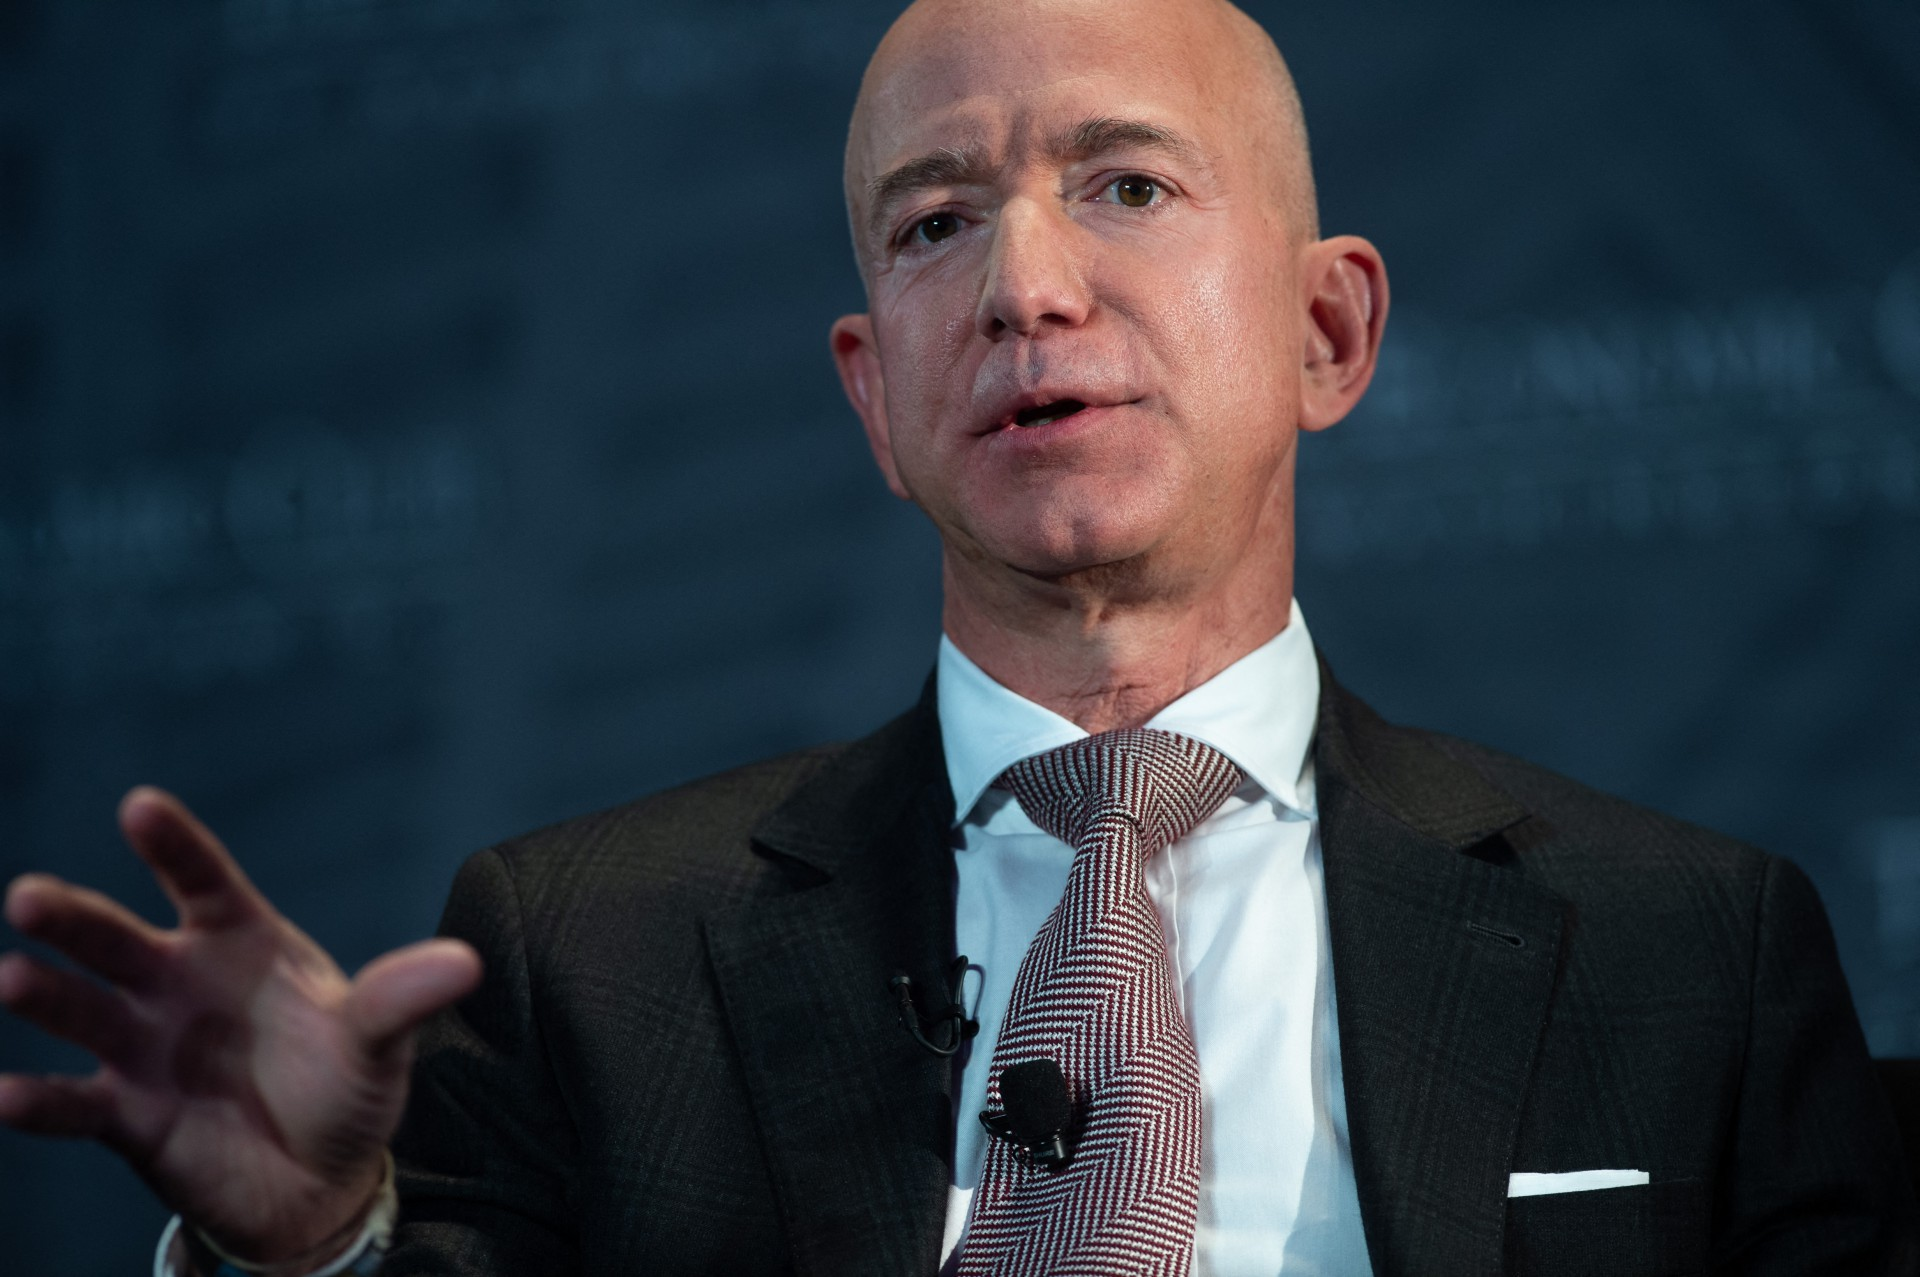 Pelo quarto ano consecutivo, Jeff Bezos é a pessoa mais rica do mundo conforme o levantamento da Forbes. Sua fortuna está estimada em US$ 177 bilhões, US$ 64 bilhões a mais do que no ano passado - resultado do aumento das ações da Amazon